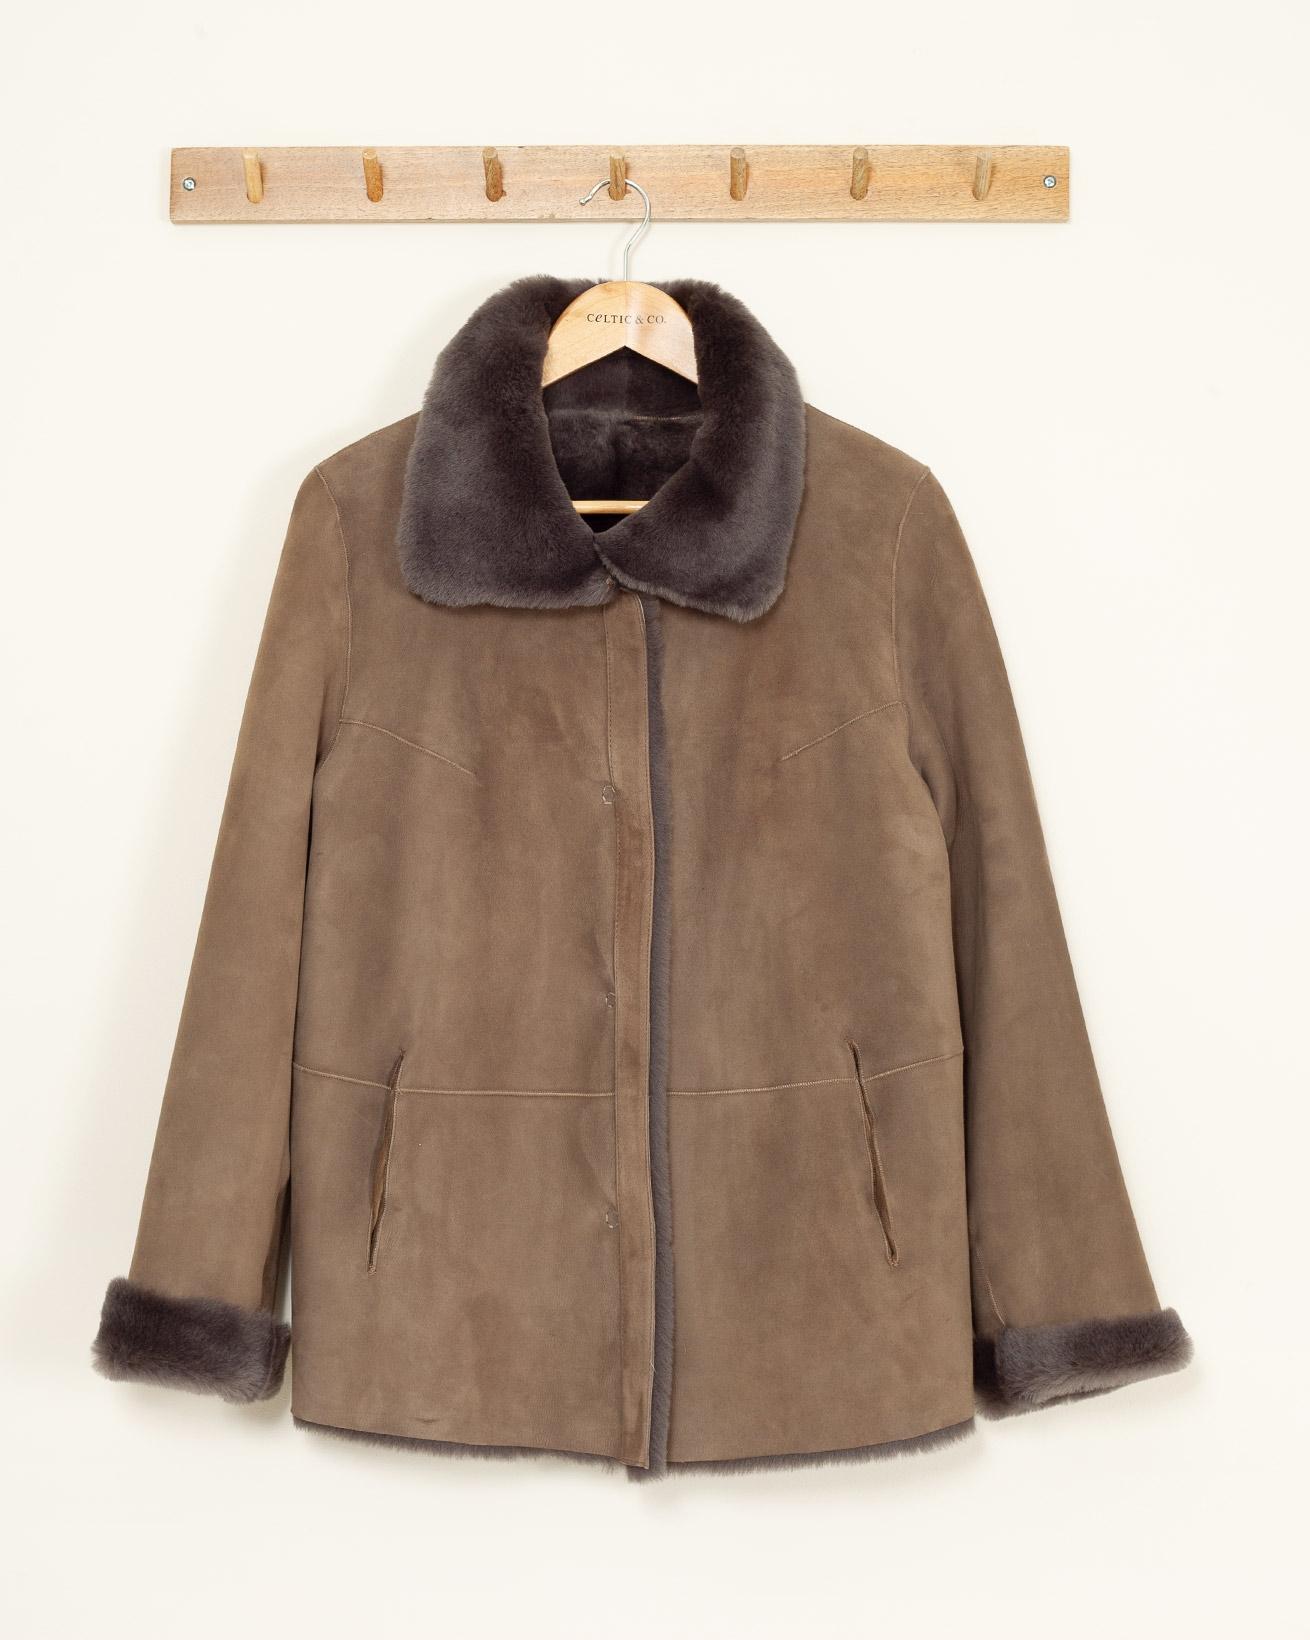 Sheepskin Jacket - Size 10 - Mouse - 1128